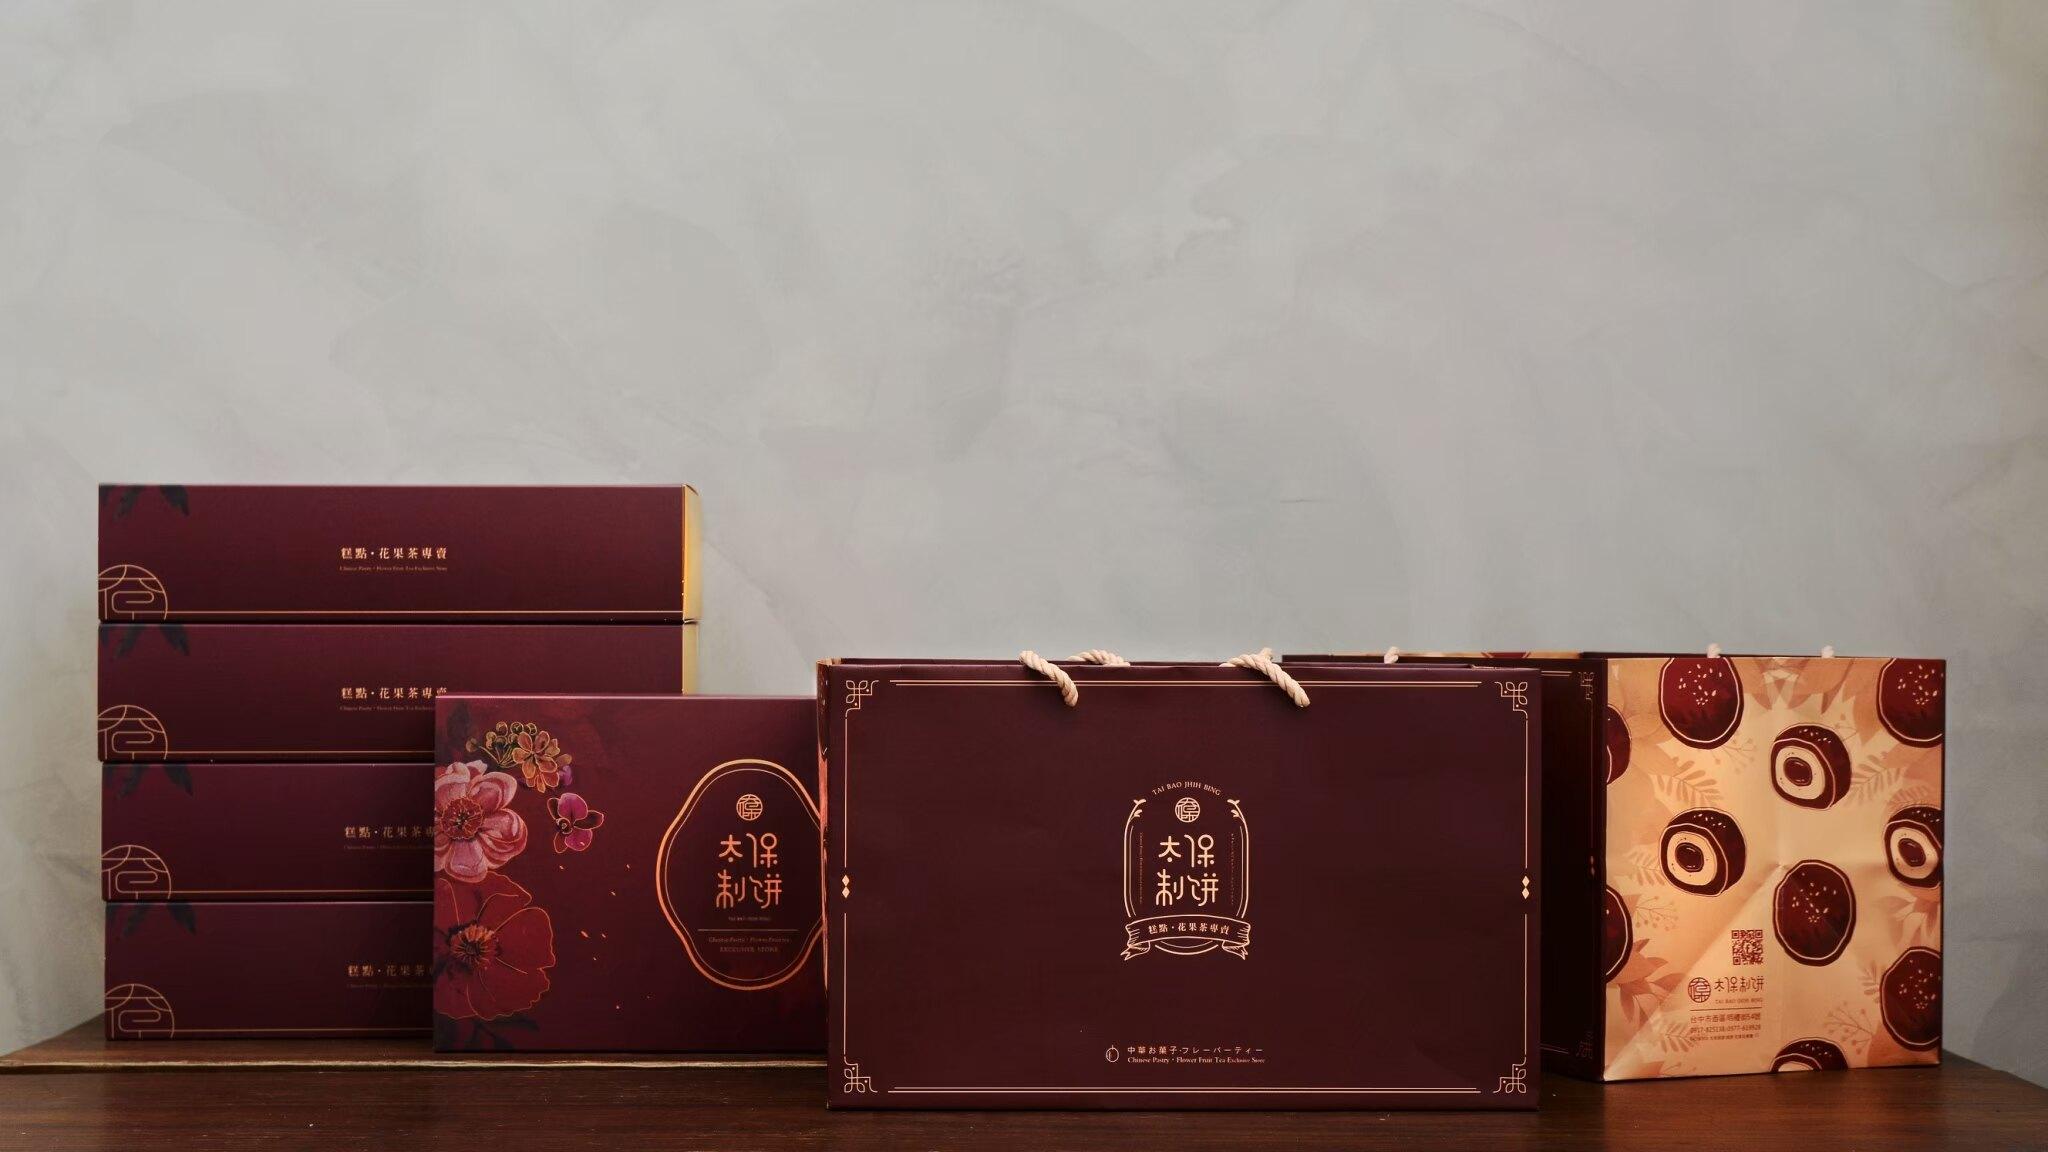 【太保制餅】老饕獨愛酥到掉渣  8入裝  - 伴手禮 中秋禮盒 公司送禮 企業禮品